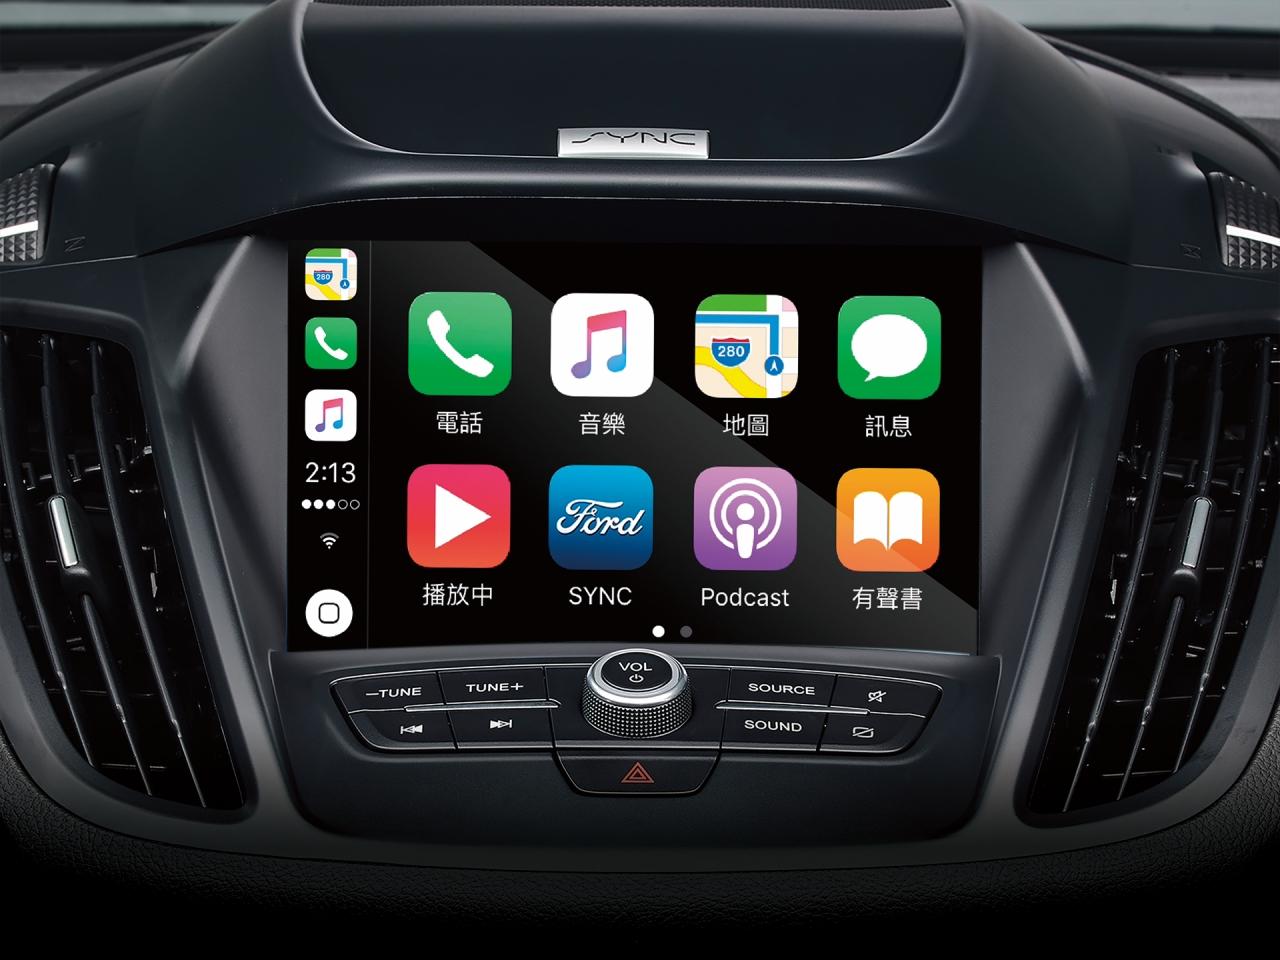 標配 SYNC®3 娛樂通訊整合系統,具備 8 吋 LCD 彩色觸控螢幕與語音聲控功能,並整合 Apple CarPlay® 與 Android Auto 兩大系統。